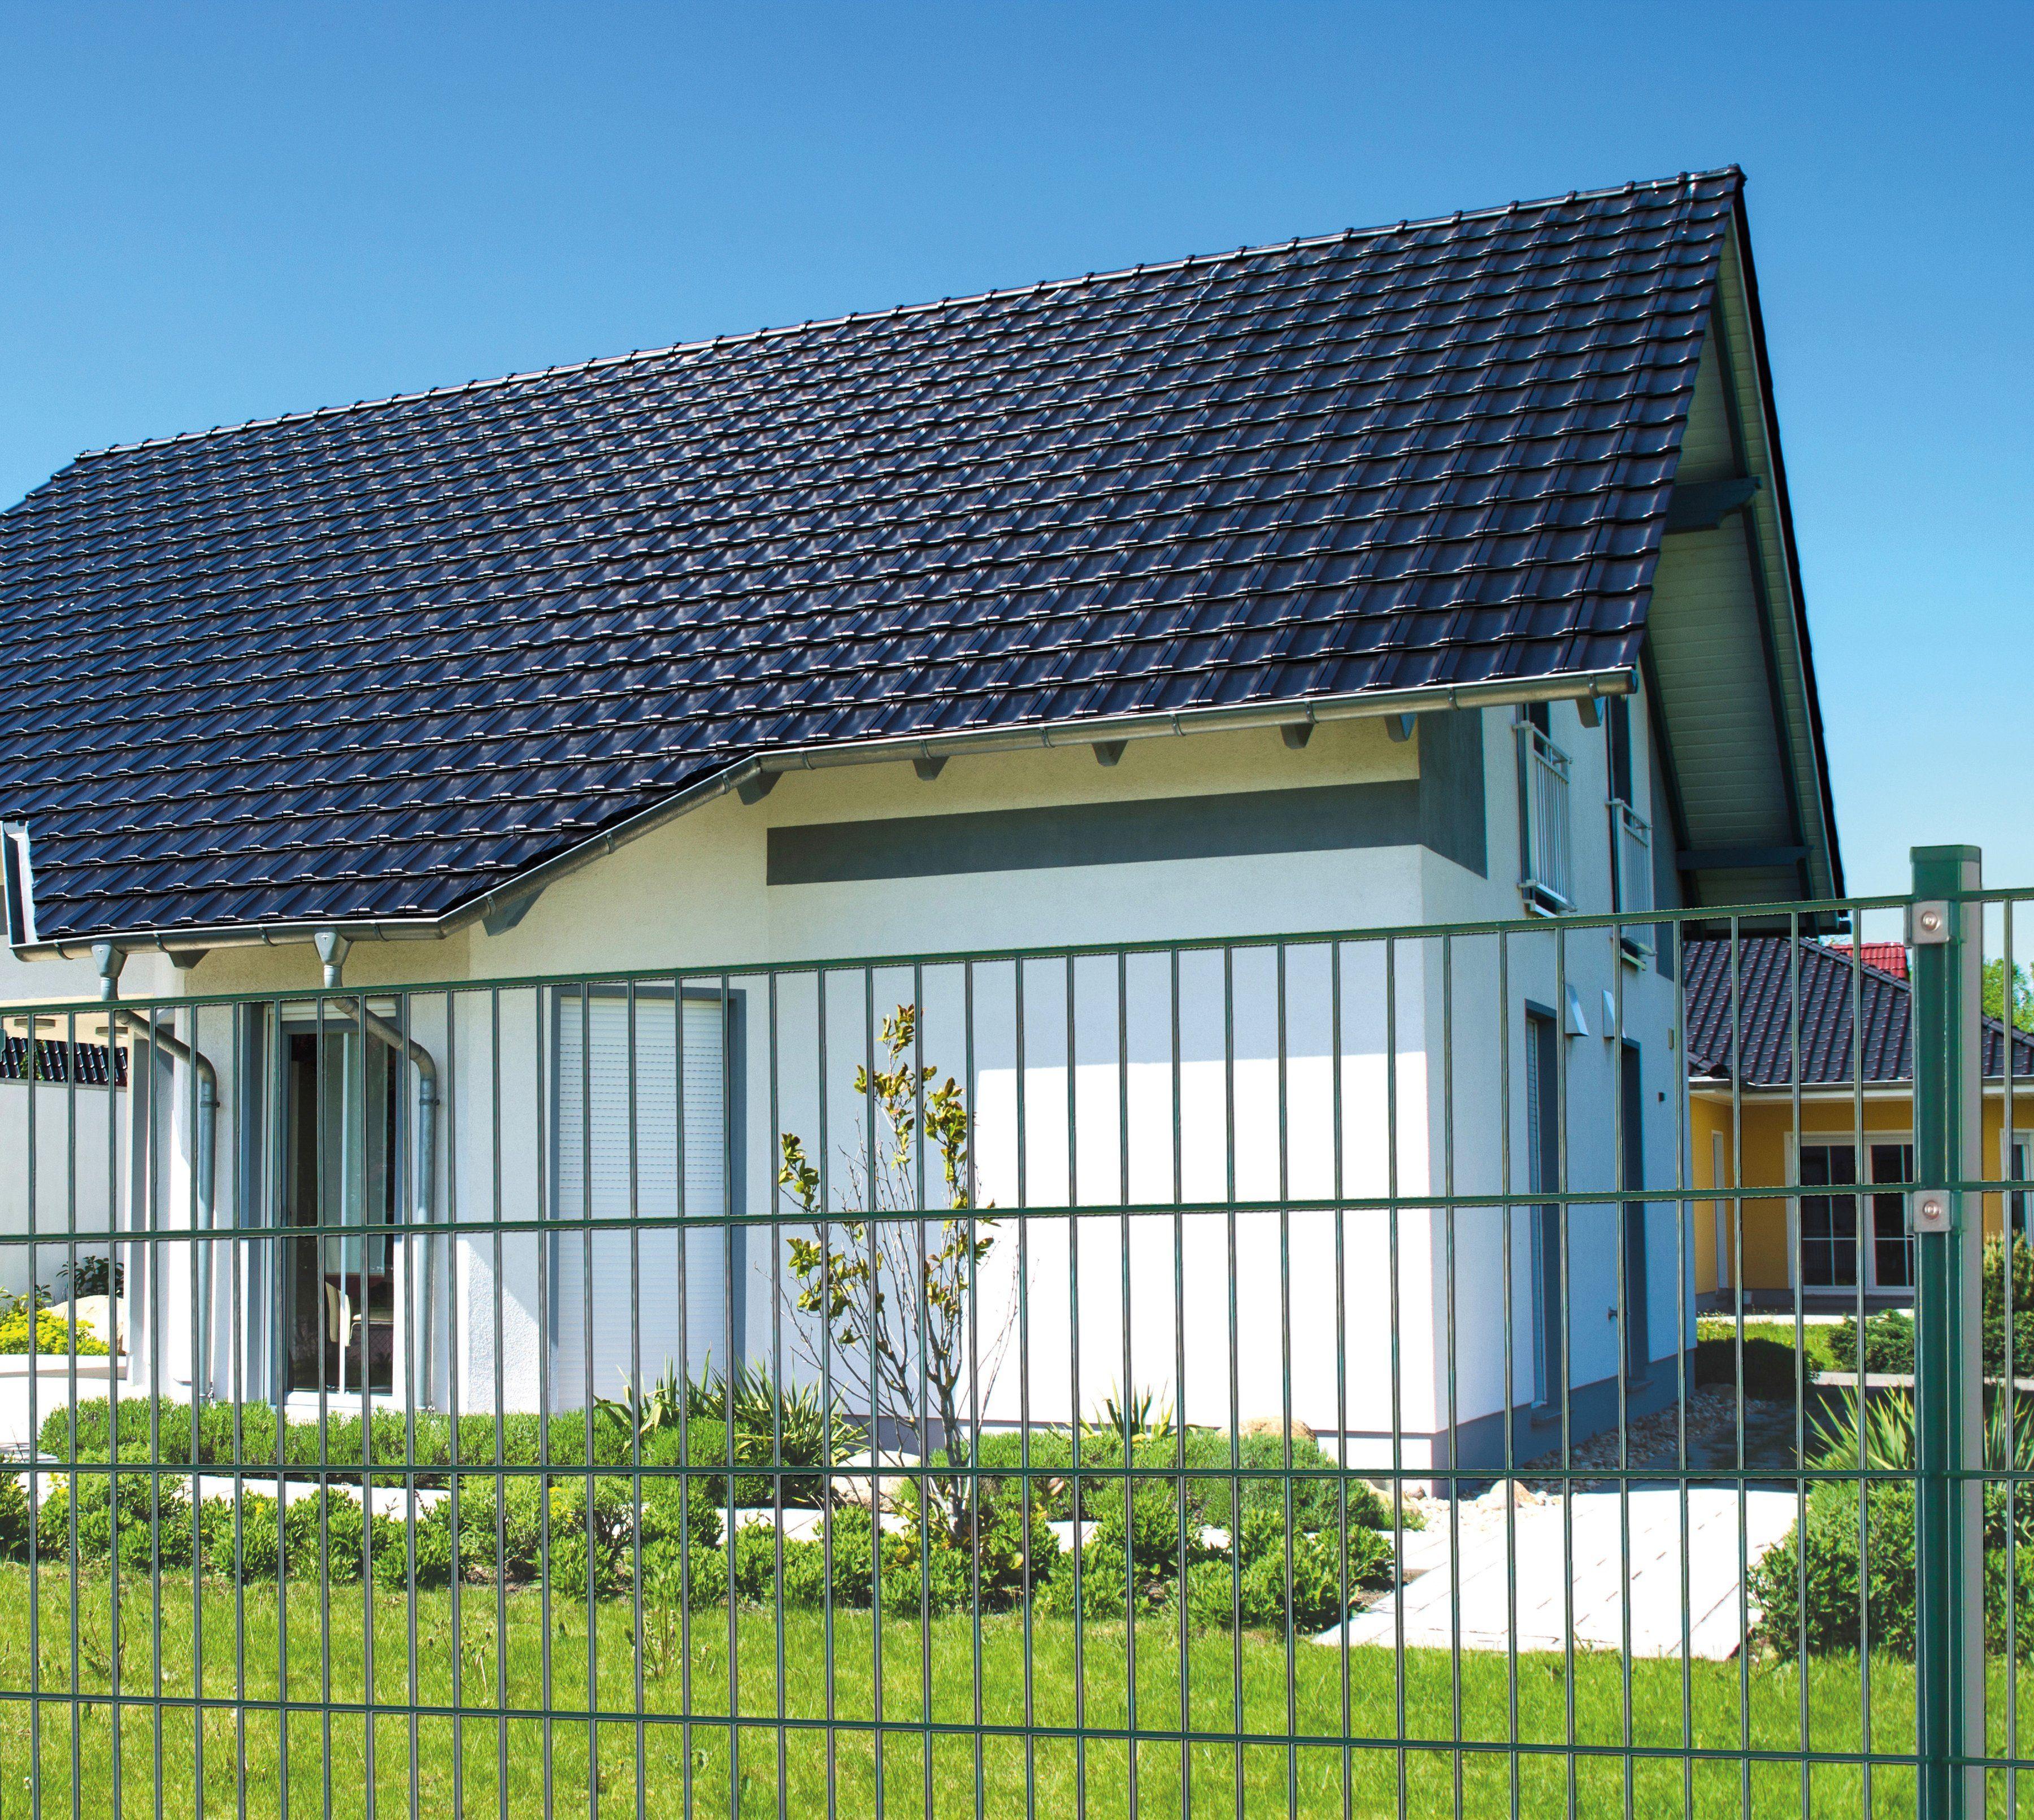 PEDDY SHIELD Einstabmattenzaun , Anbauset, BxH: 2x1 m, grün